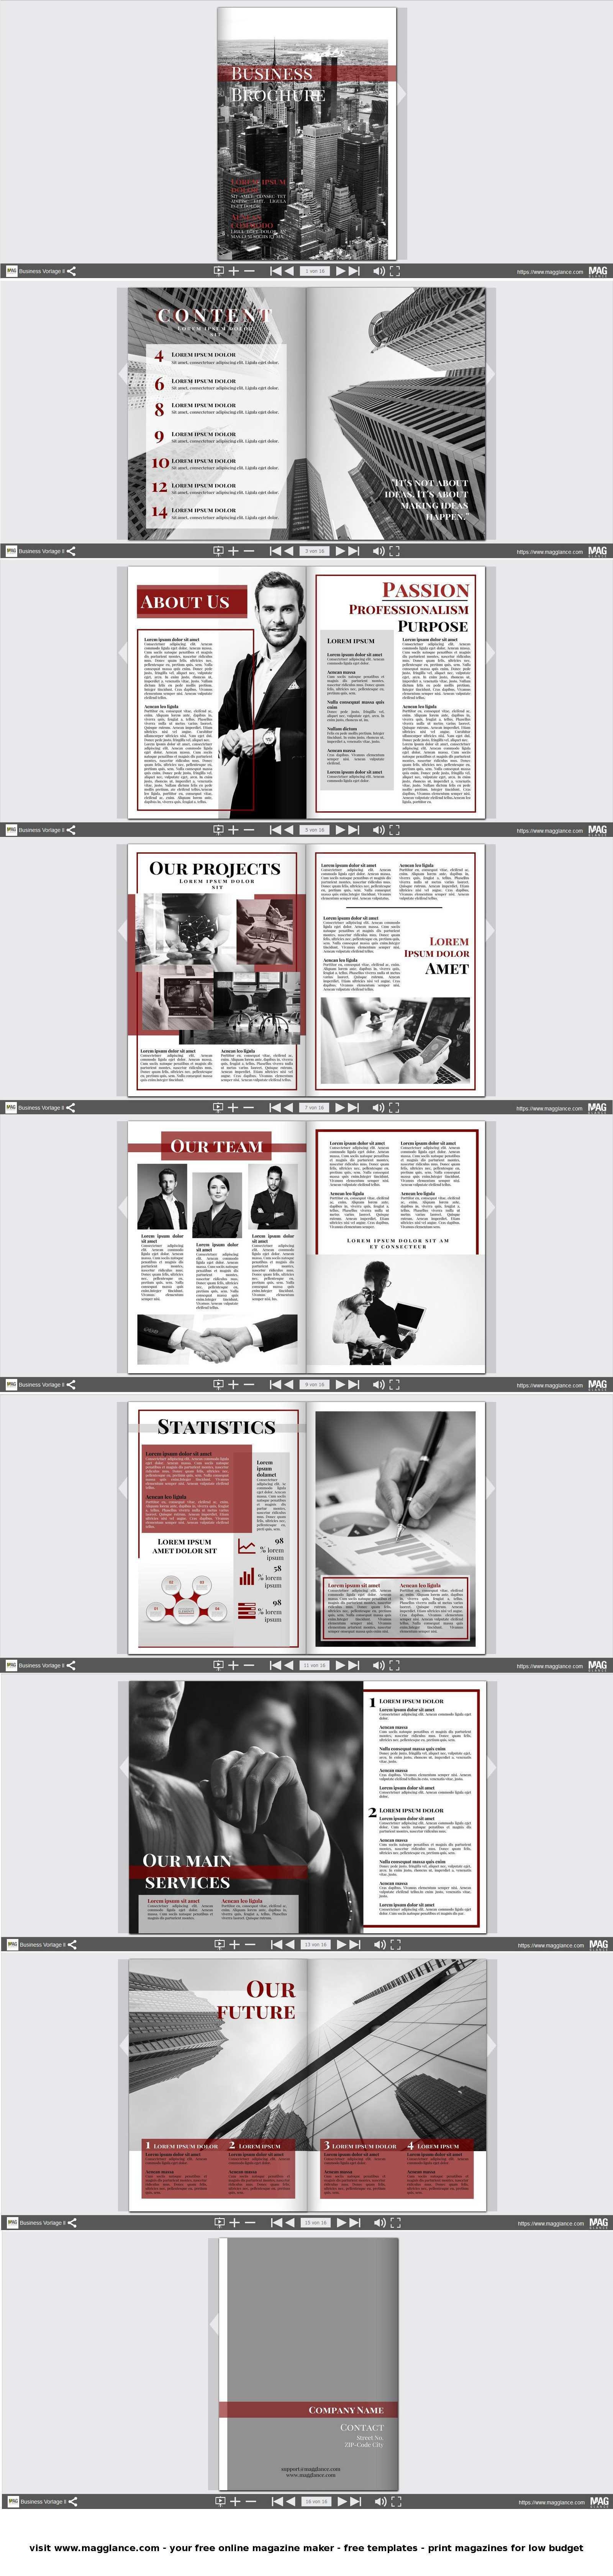 Business Broschure Kostenlos Online Erstellen Und Gunstig Drucken Unter De Magglance Com Broschure Firmenzeitung Broschure Broschure Vorlage Broschure Design